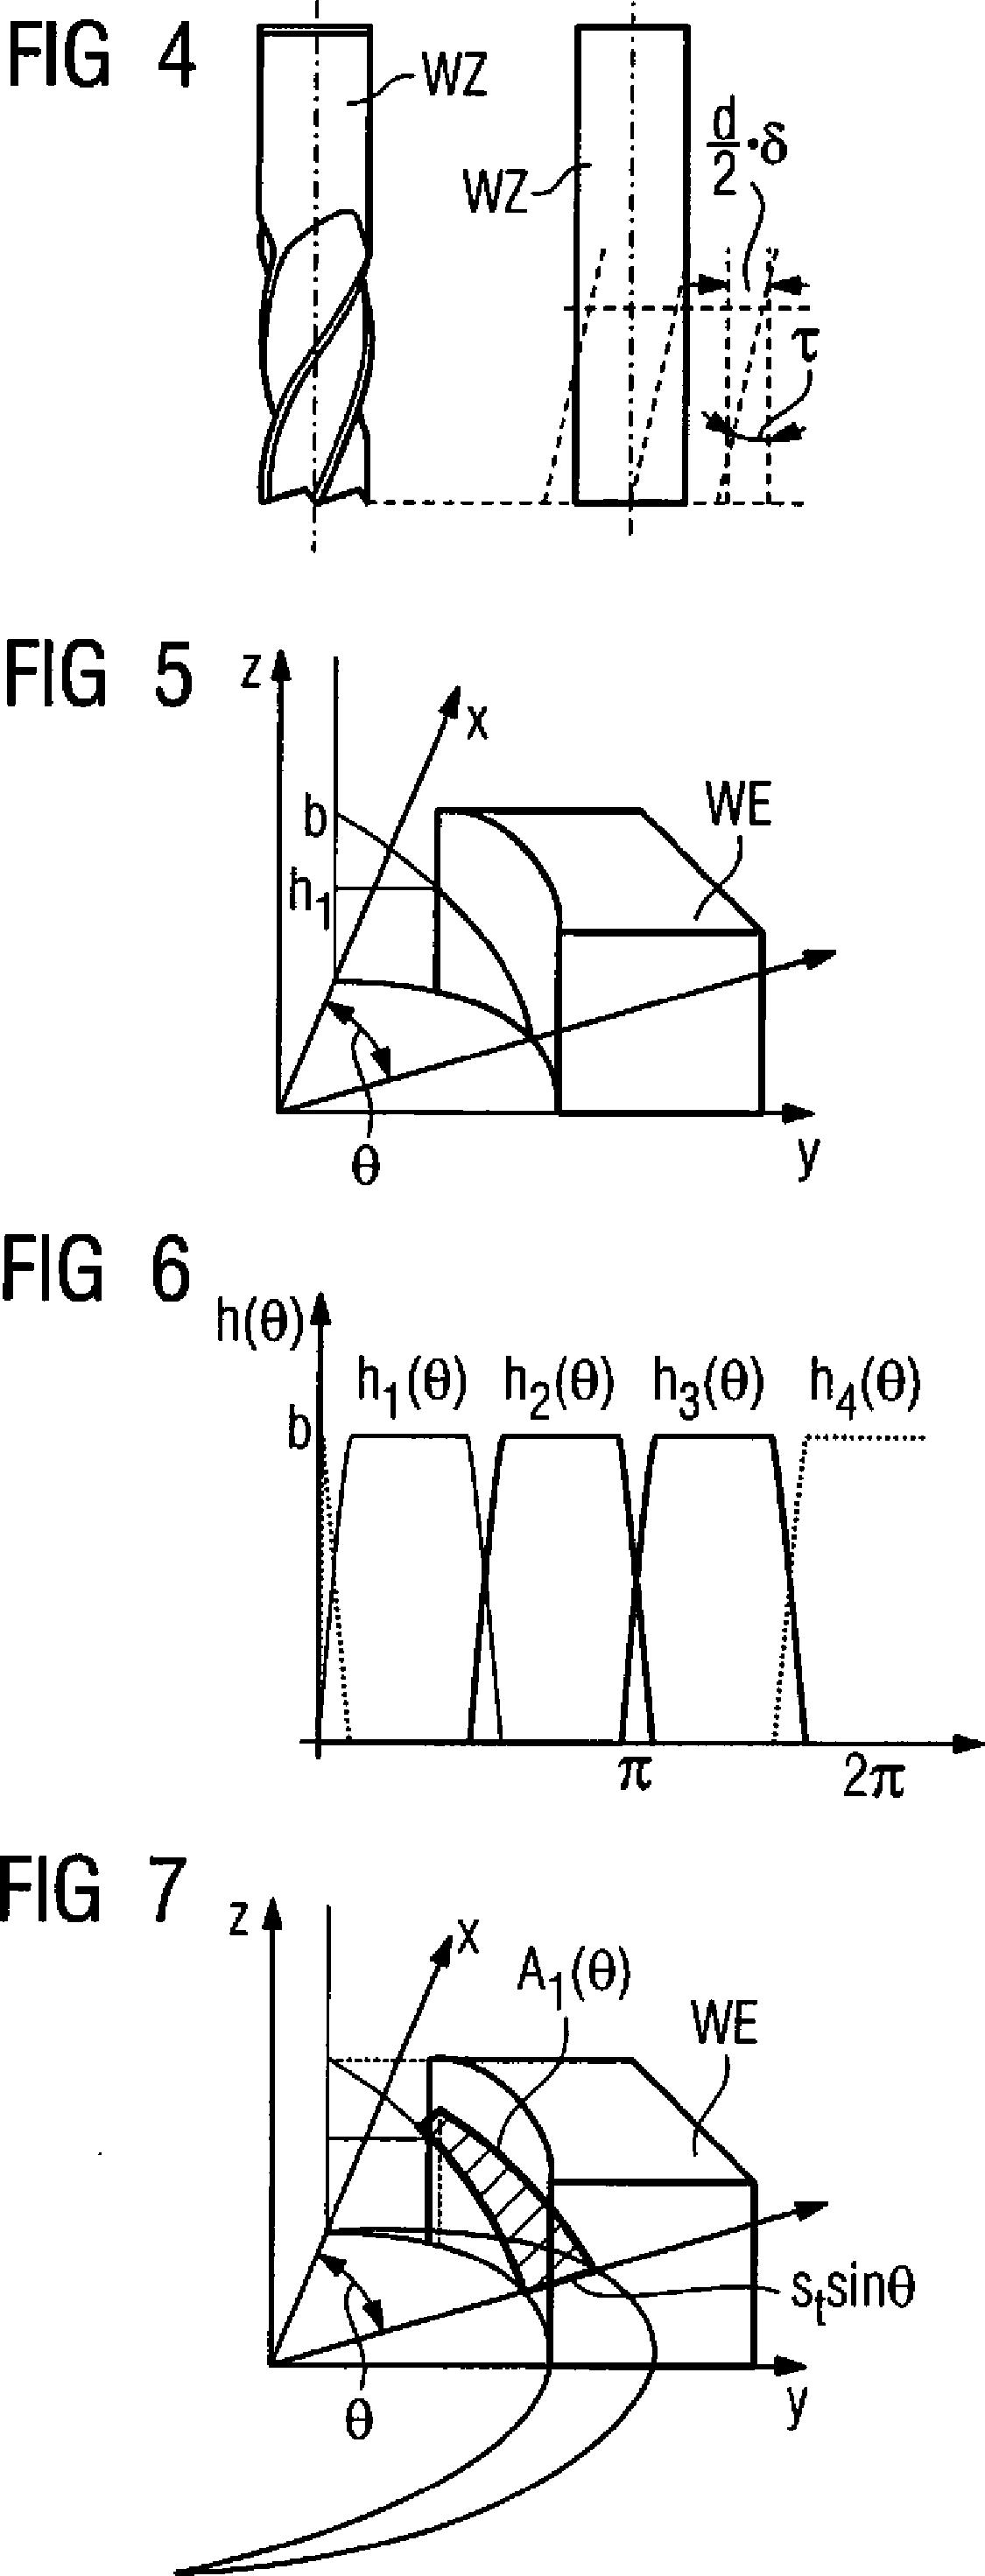 patent de102005048691b4 werkzeug und verfahren zur bearbeitung eines werkst ckes aus einem. Black Bedroom Furniture Sets. Home Design Ideas